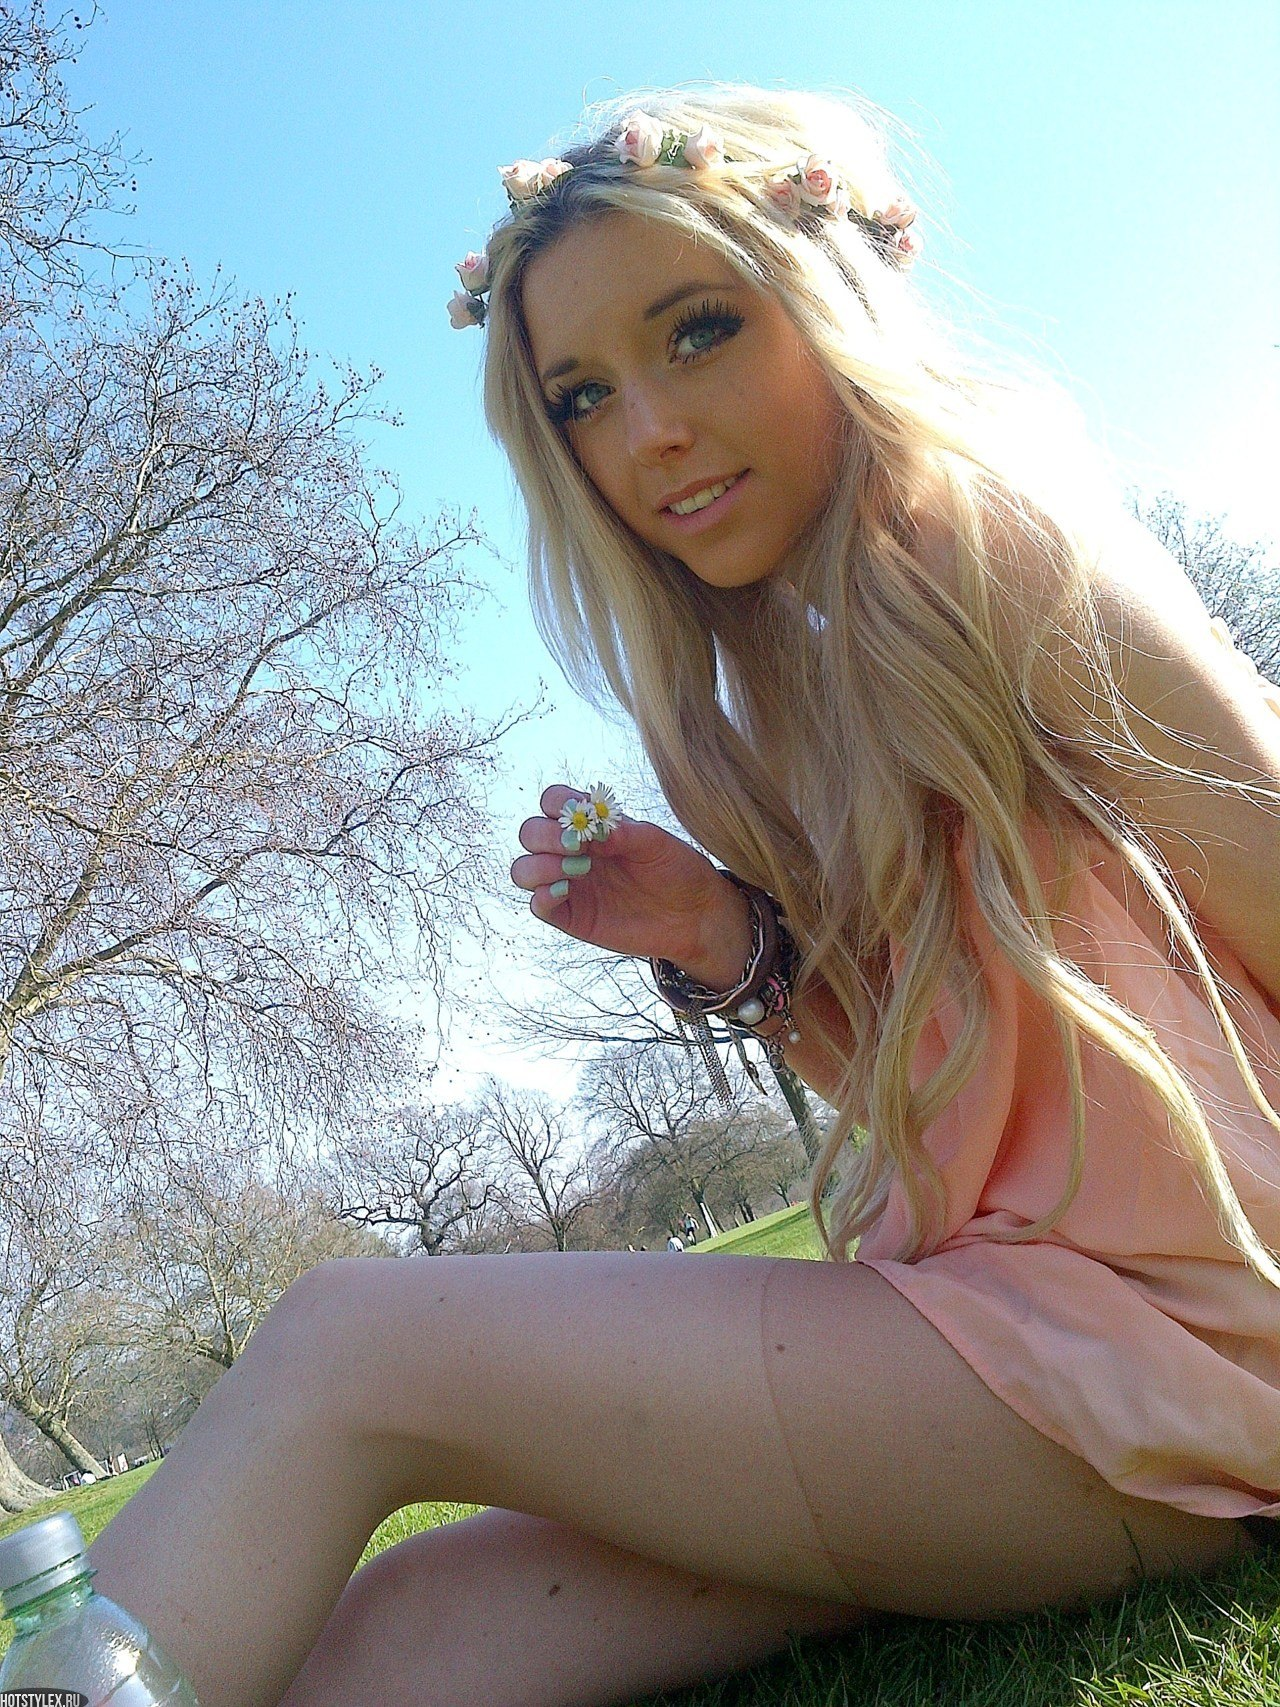 Фото девушек блондинок с социальных сетей 9 фотография